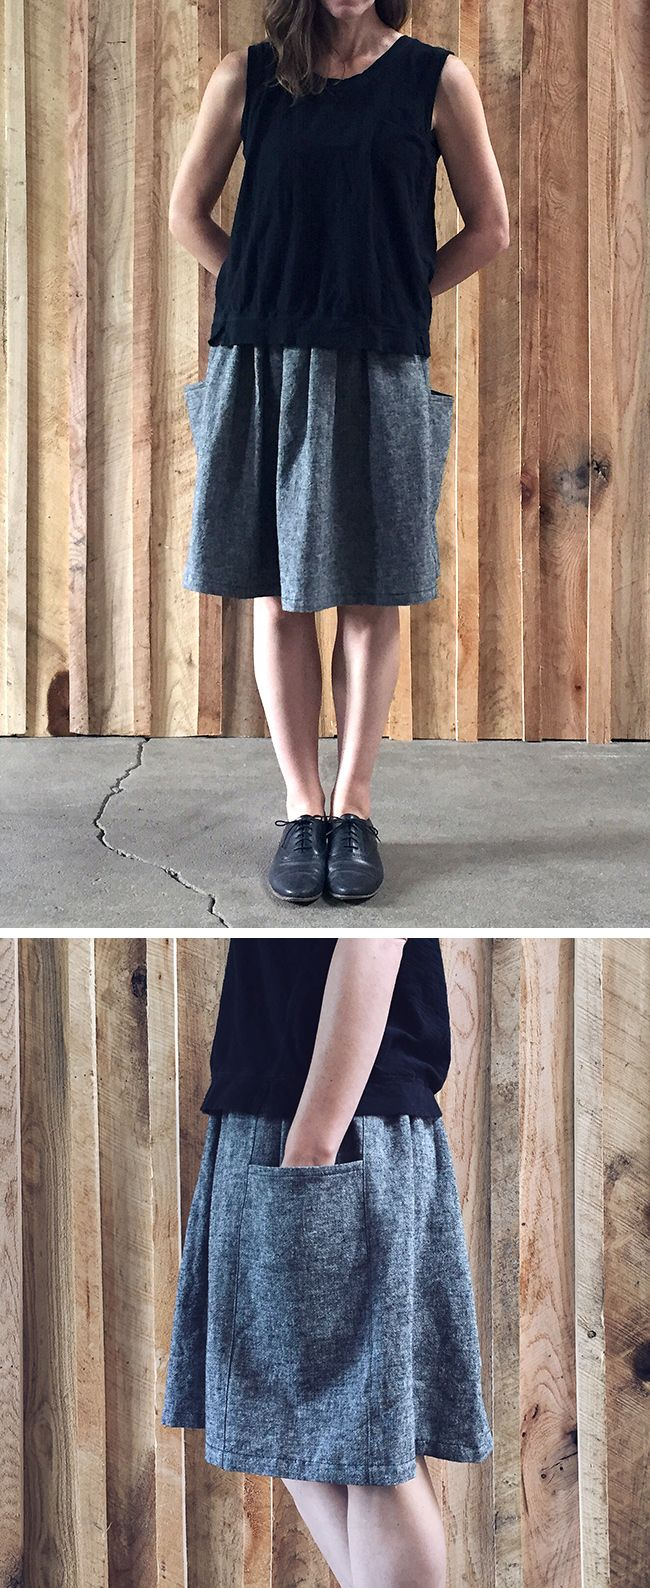 May make No. 1: the Gathered Skirt